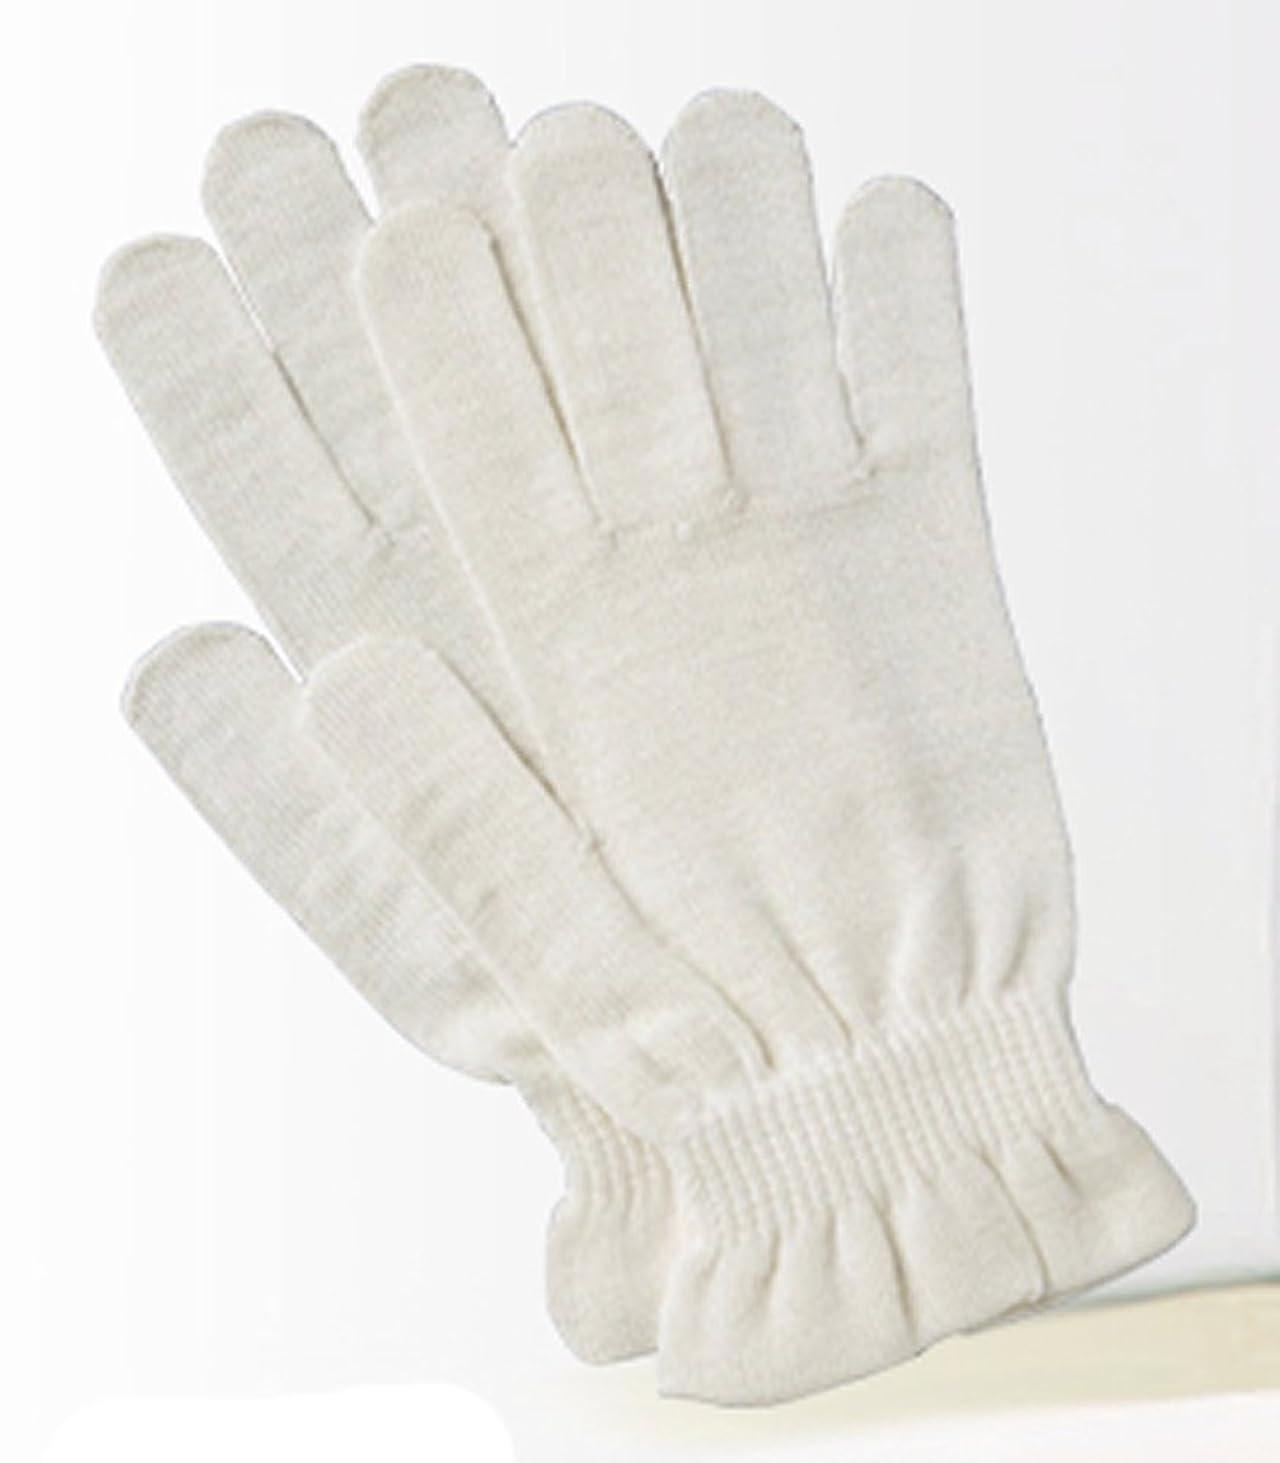 違法路面電車餌京都西陣の絹糸屋さんのシルク手袋